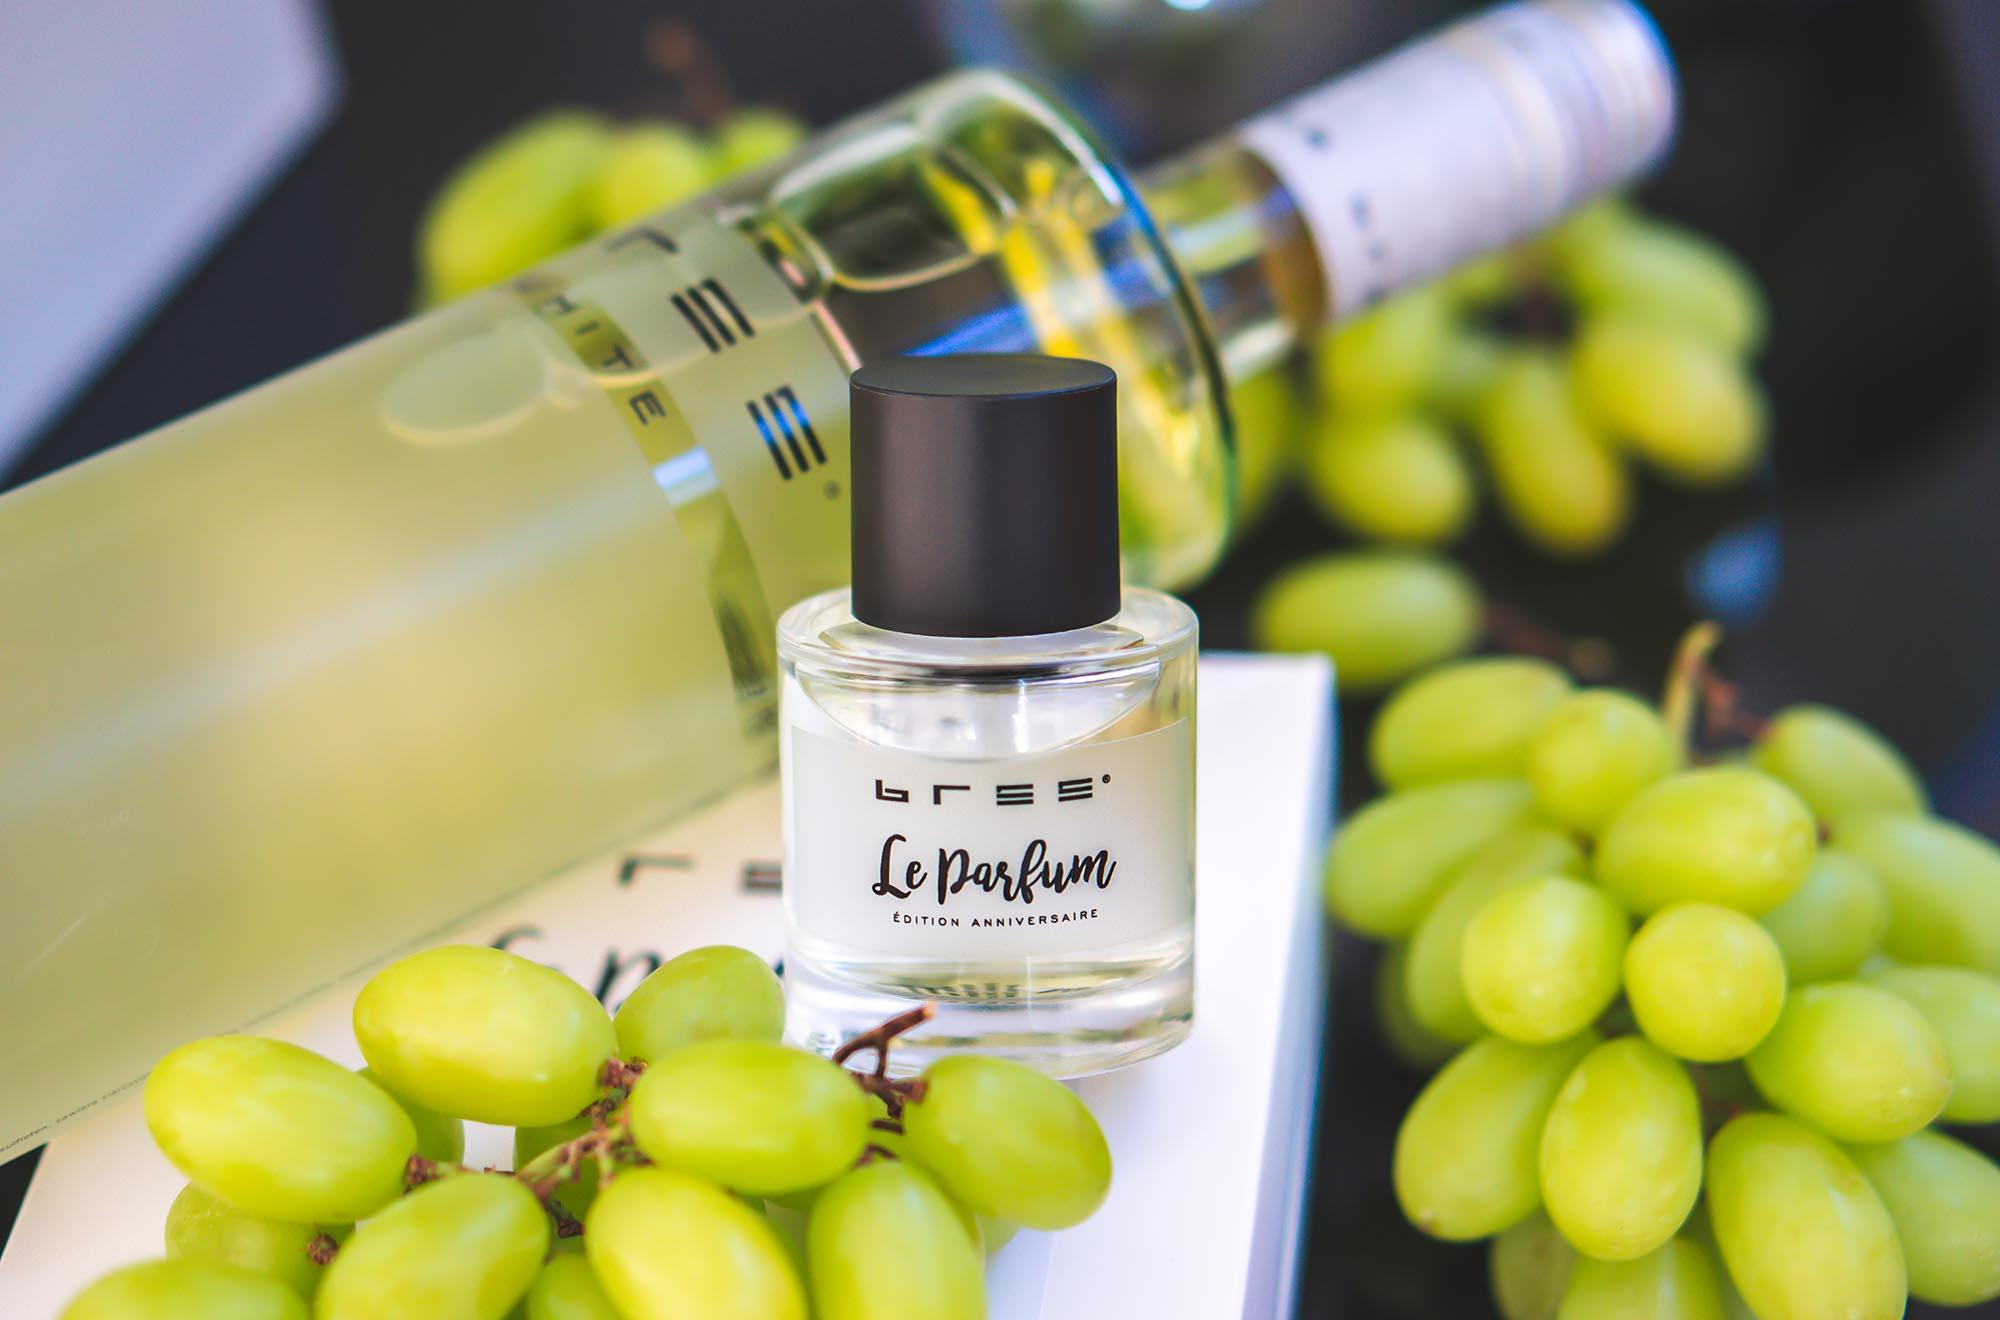 Как сделать парфюм из вина: Bree Le Parfum